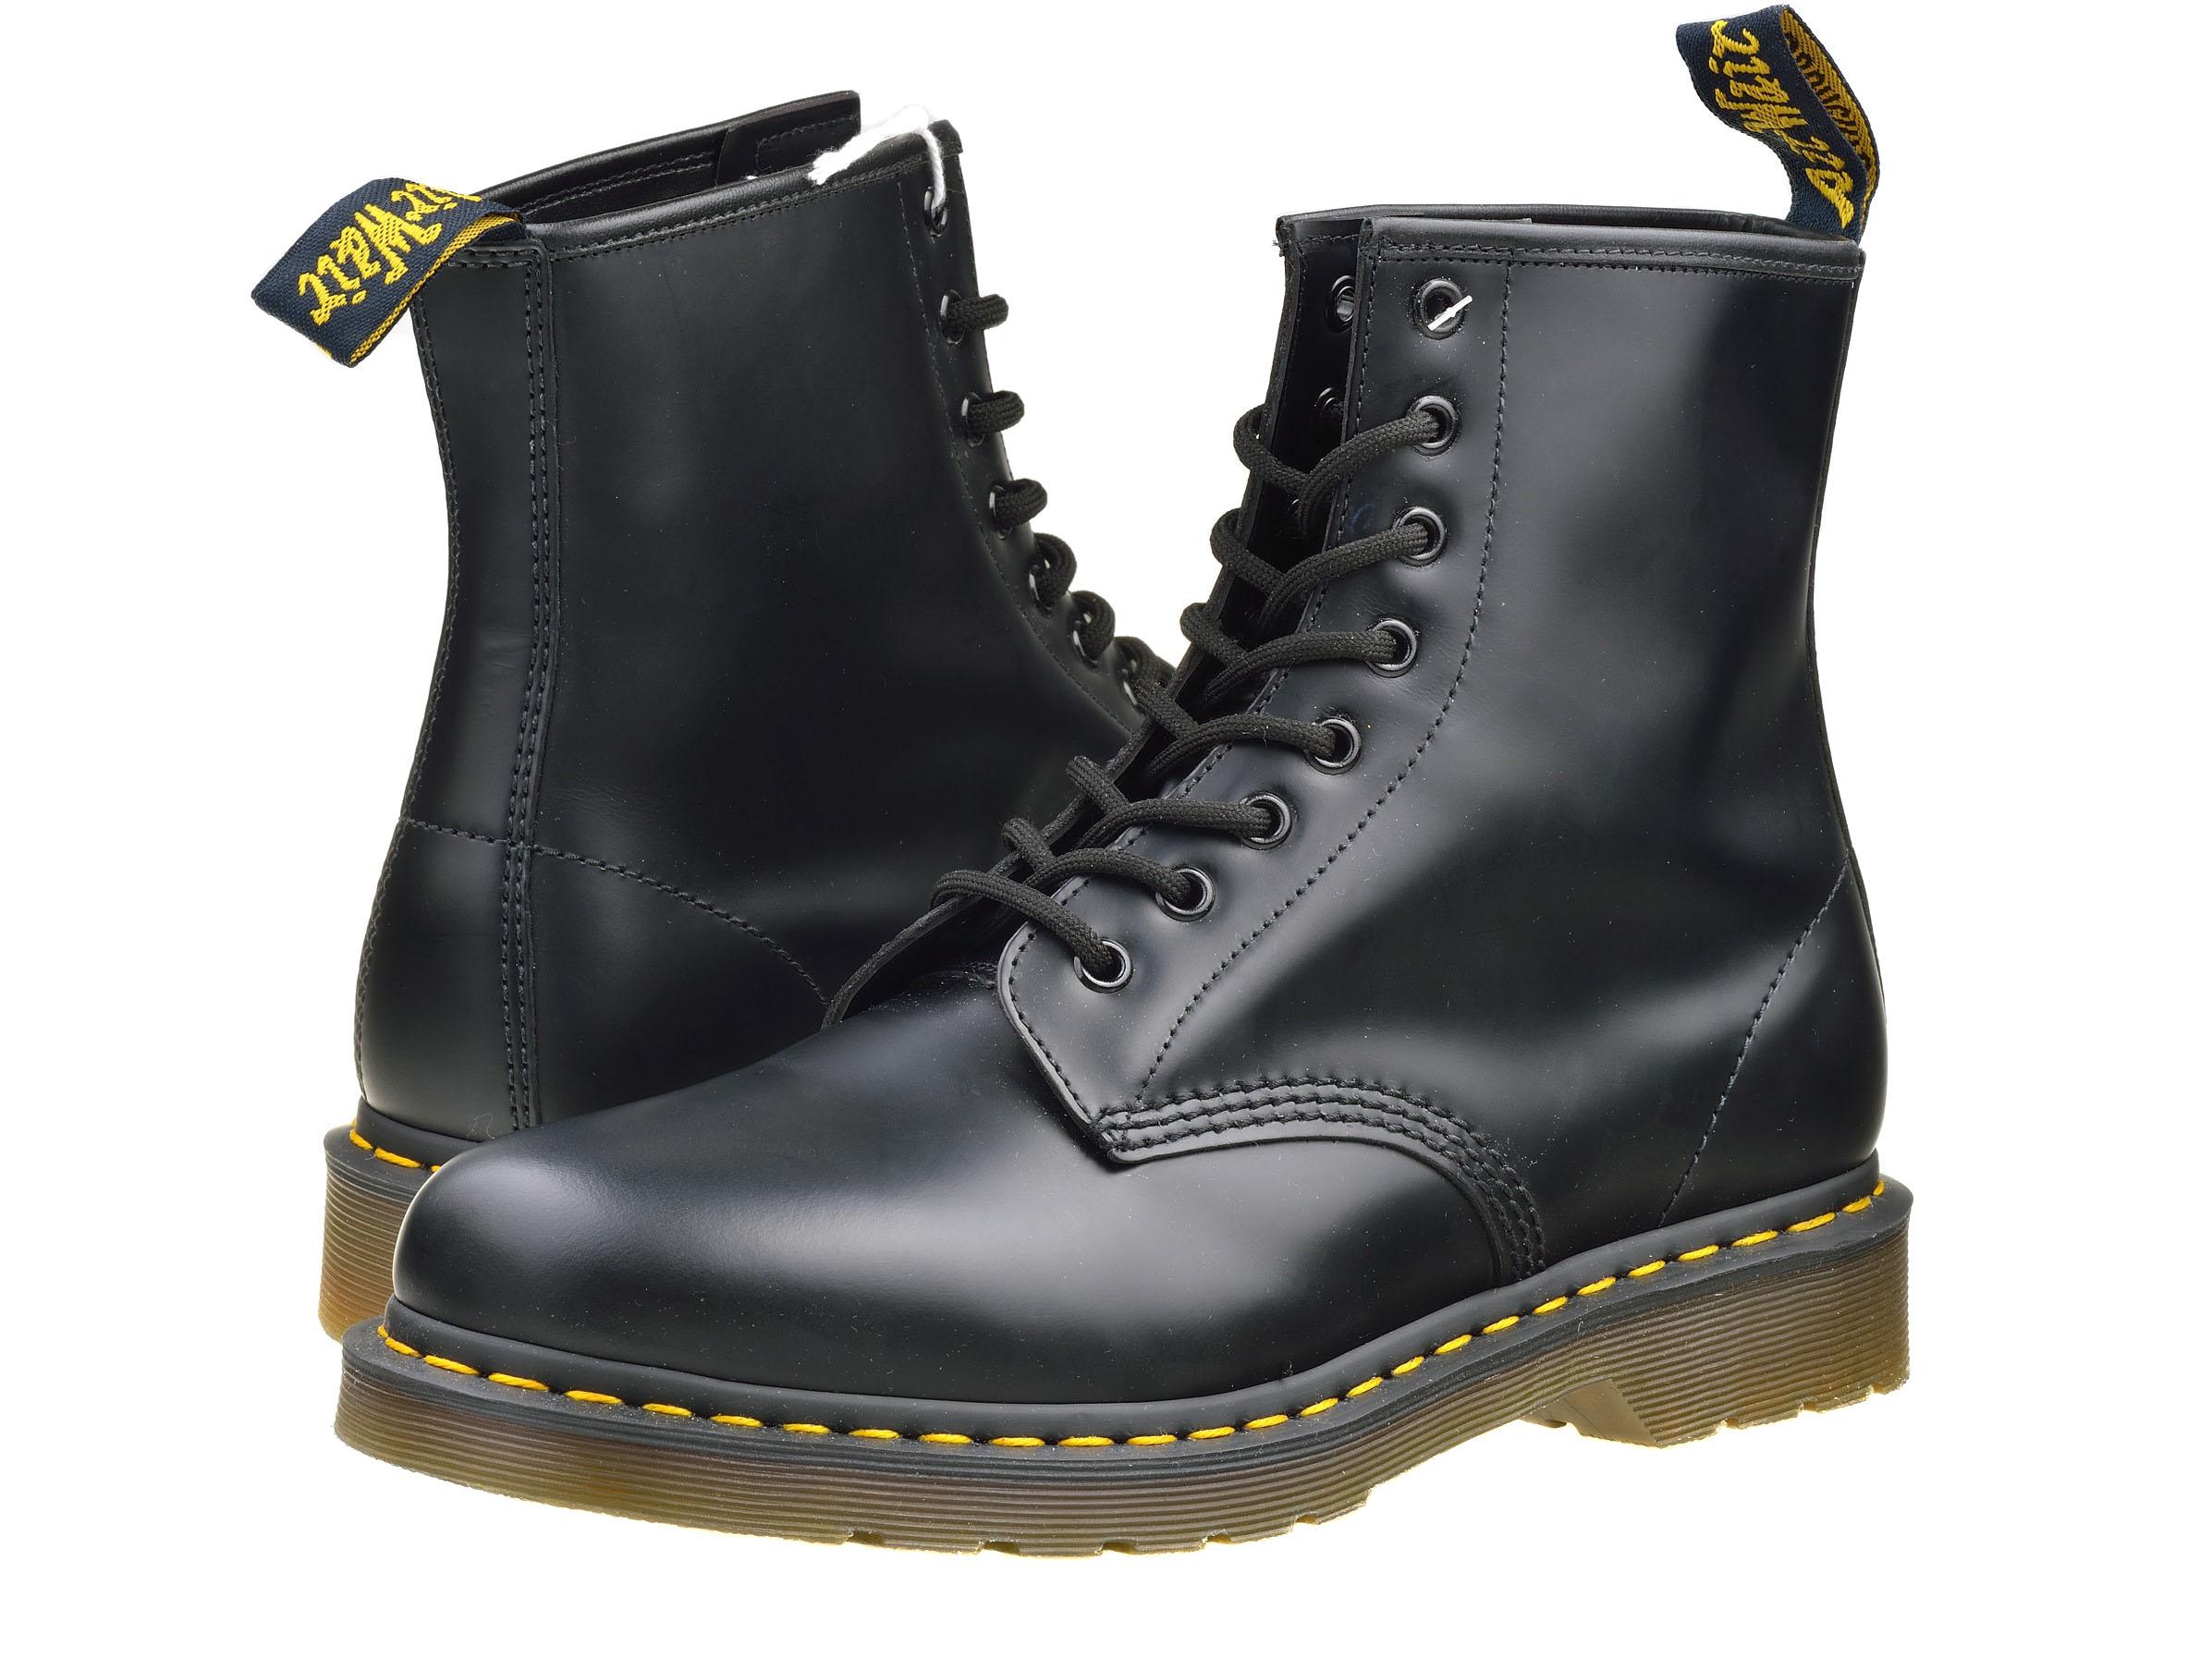 Кожаные ботинки Dr. Martens 1460 SMOOTH (Black) dfbd3b1399ec1